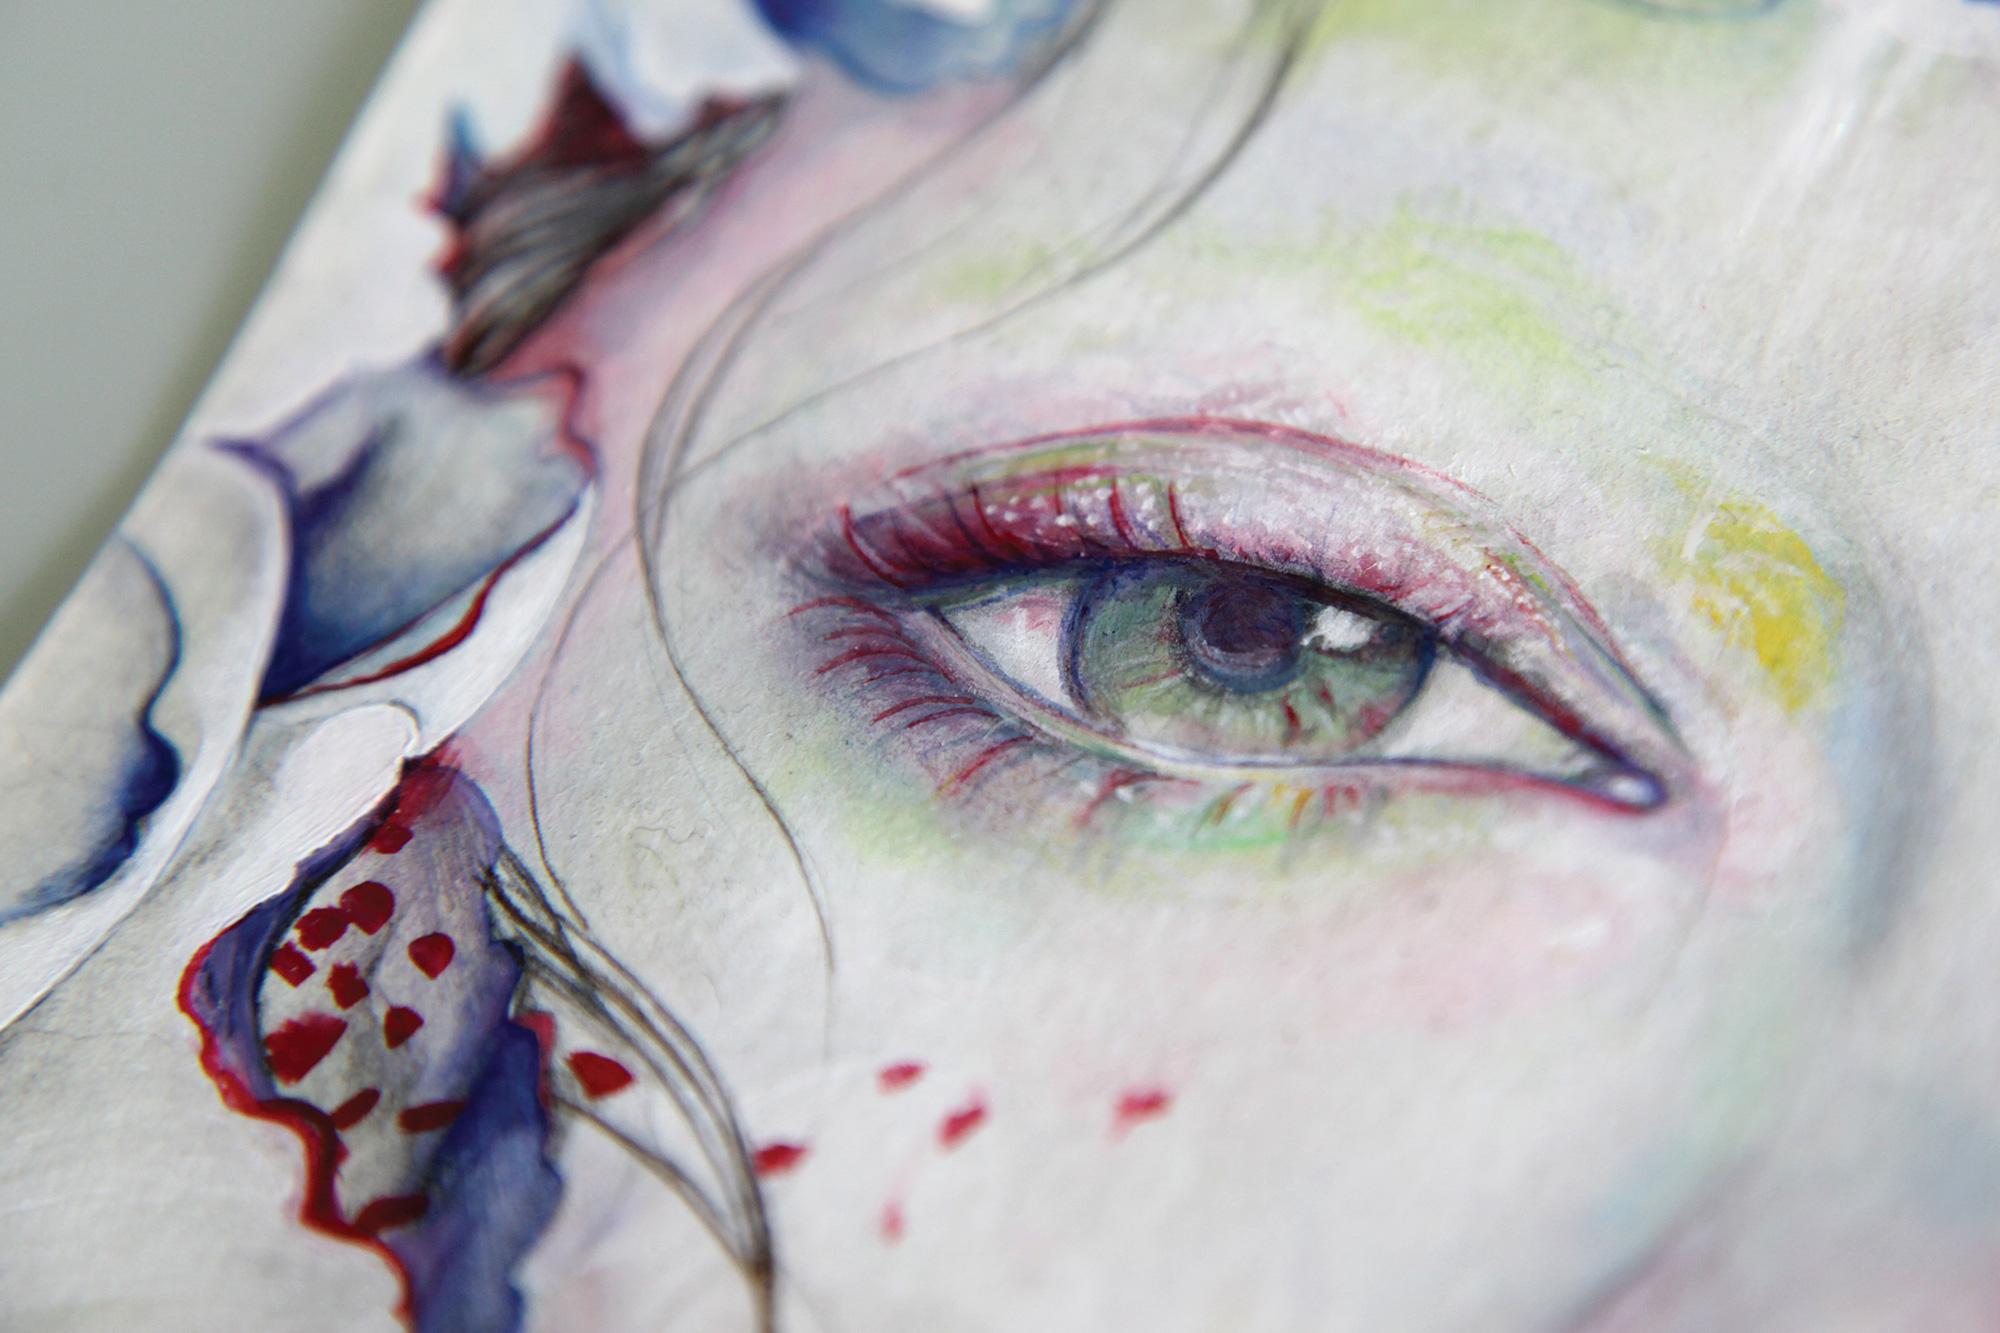 Emerge_Left_eye_painting_marjolein_caljouw_1000_web.jpg